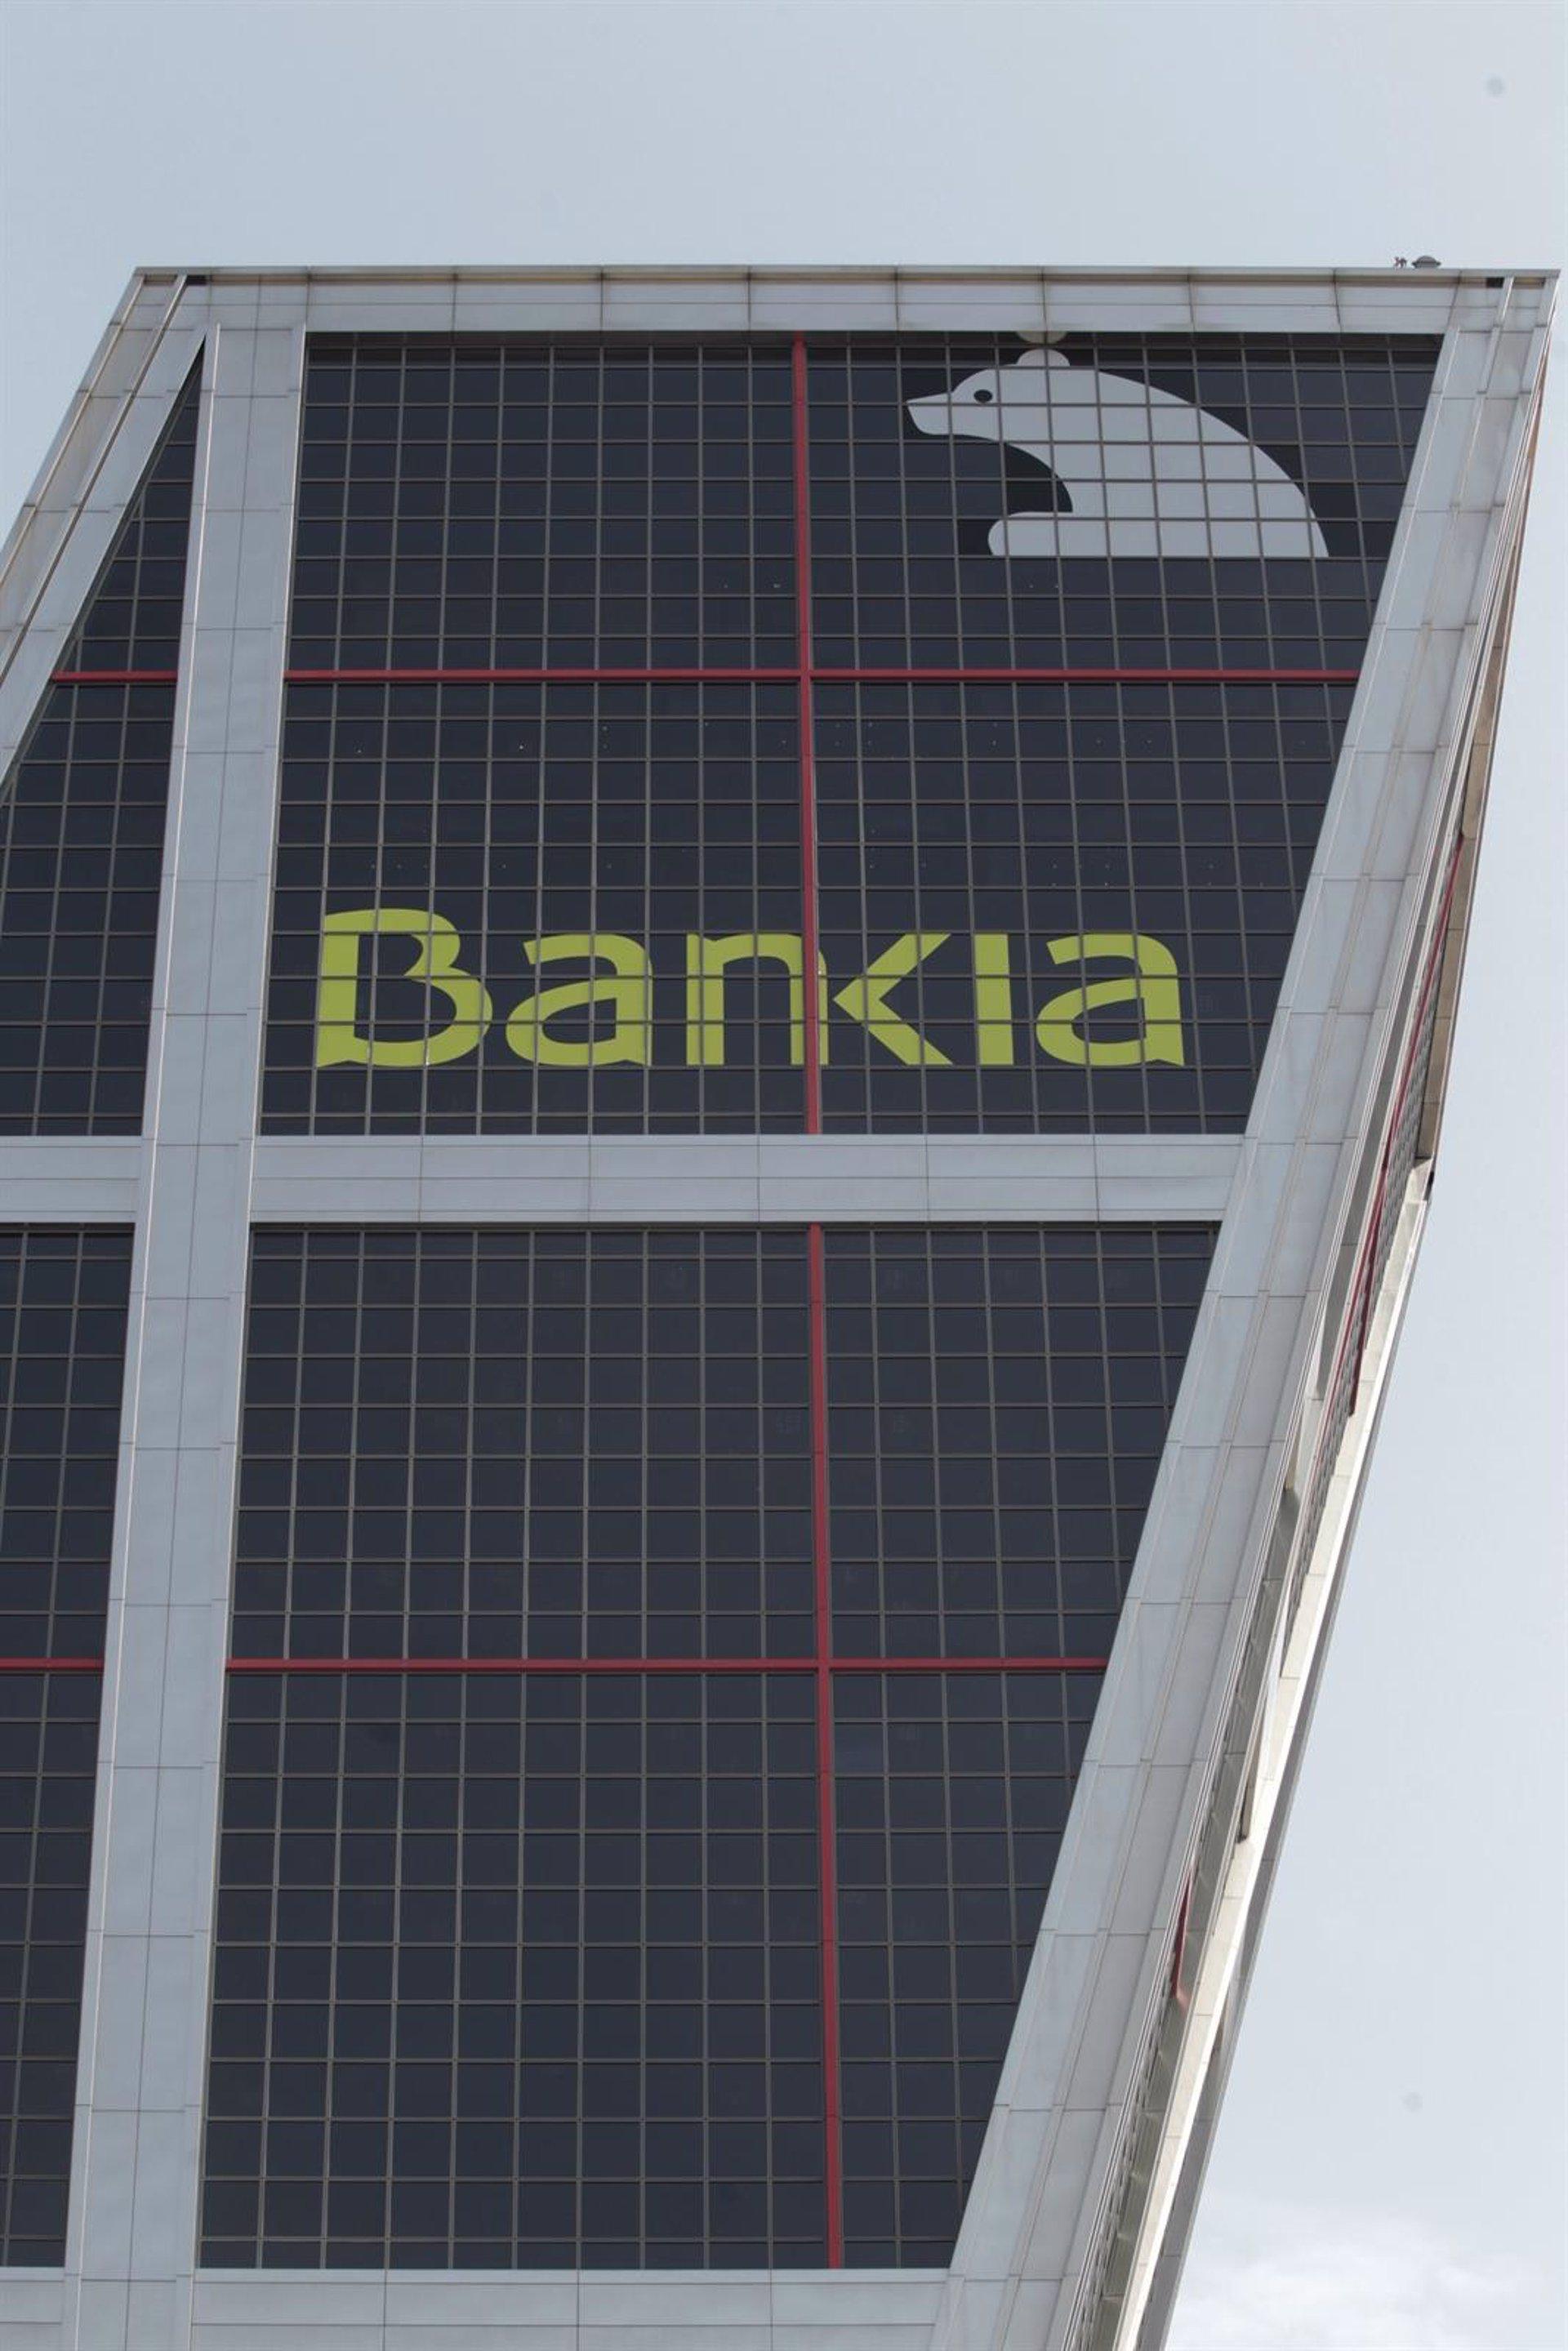 Bankia ofrece a 1 5 millones de clientes cr ditos al consumo for Bankia oficina de internet